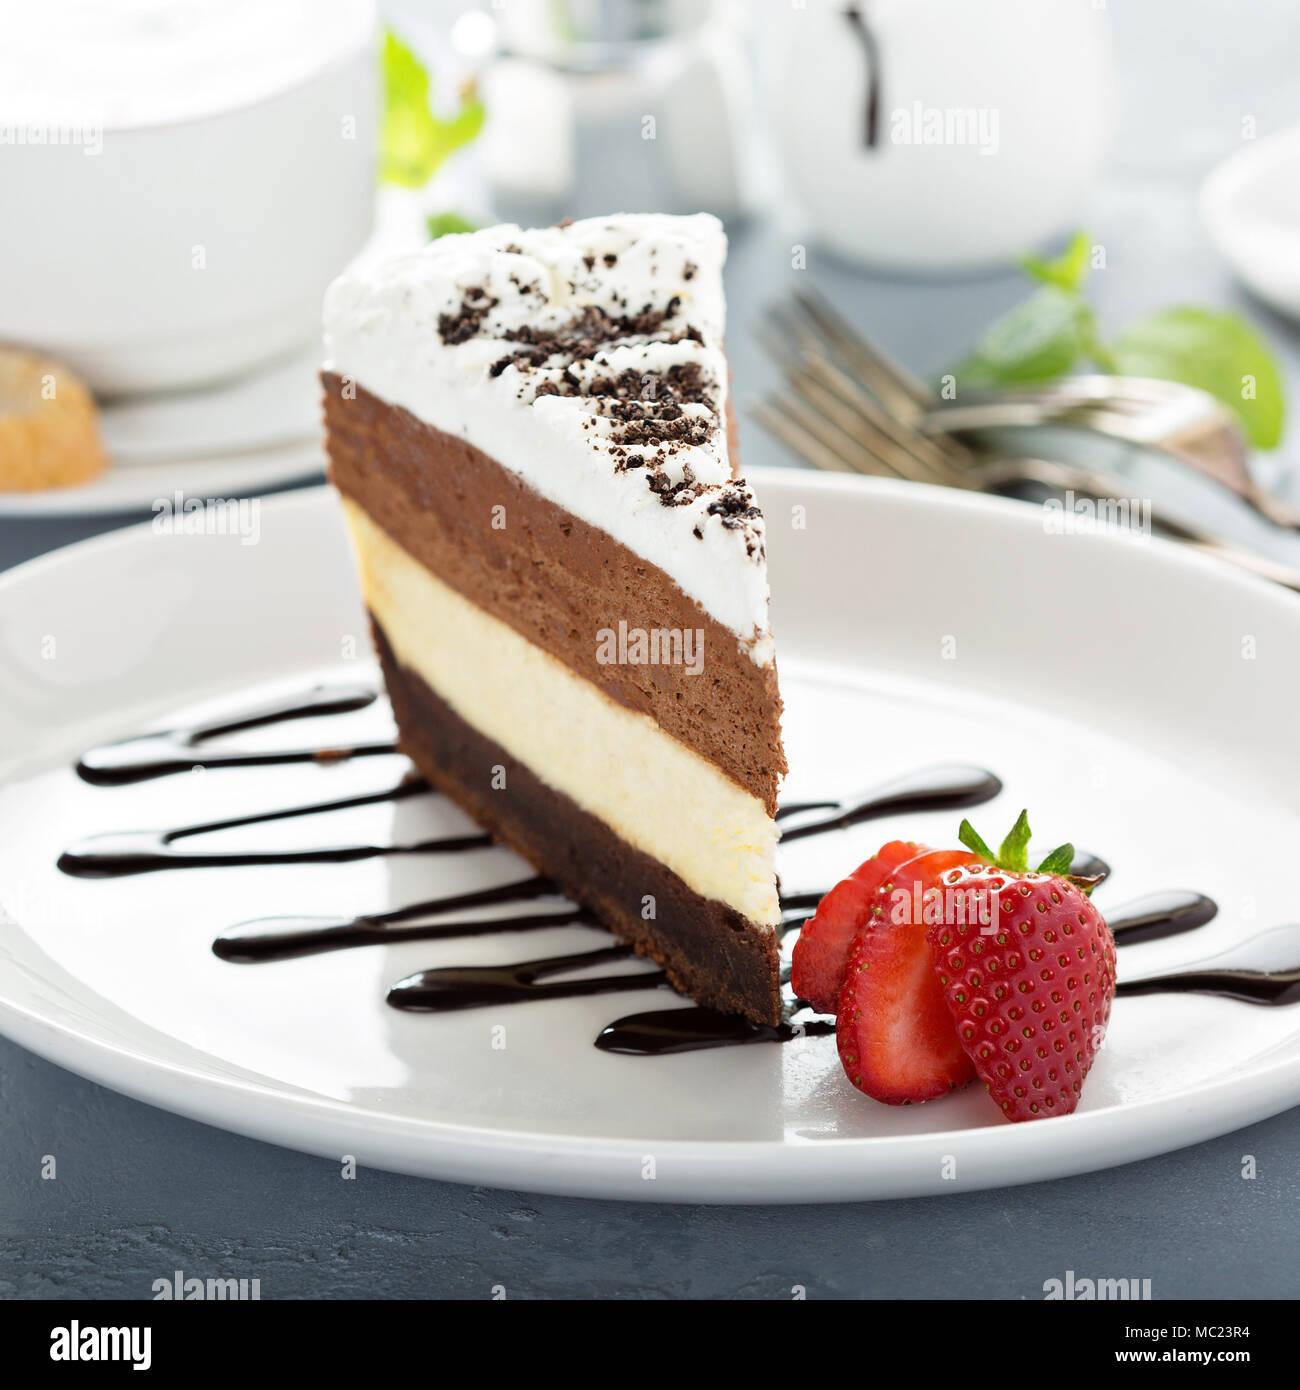 Gâteau mousse au chocolat trois couches Photo Stock